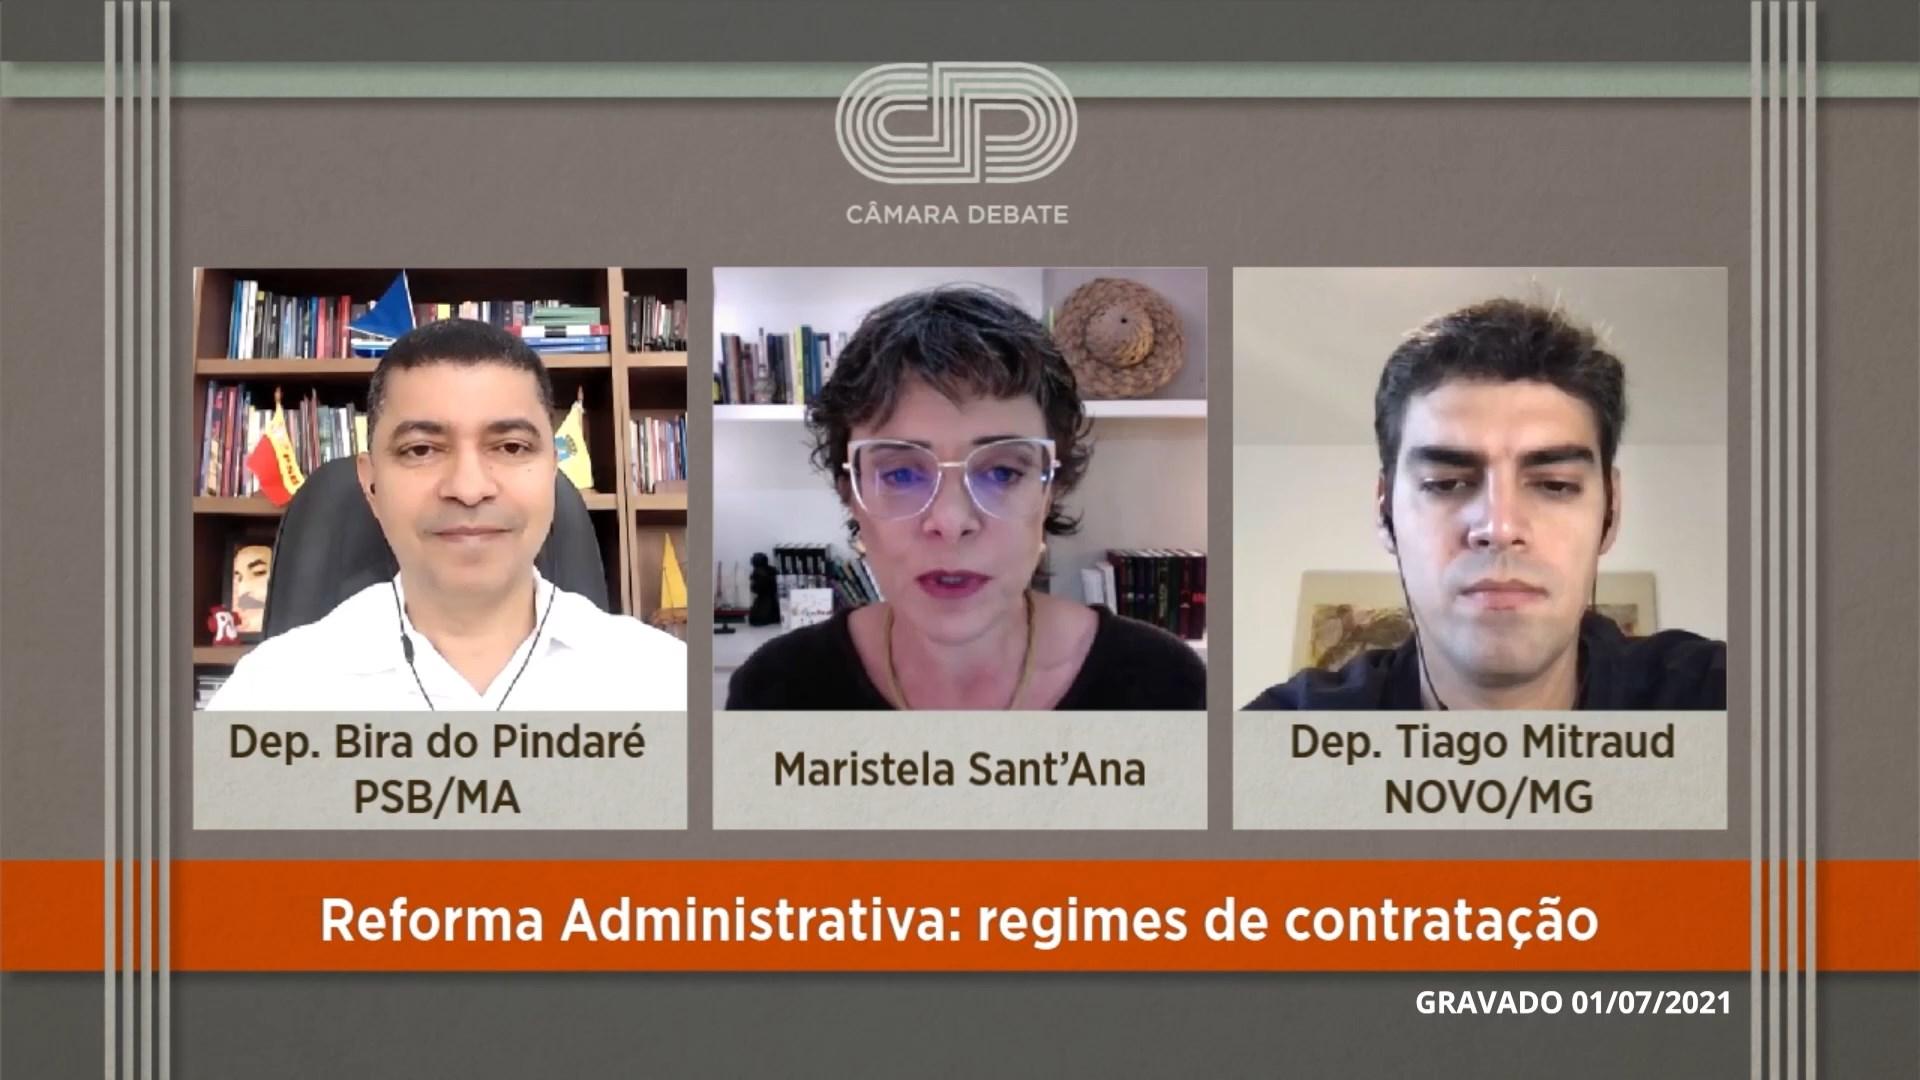 Reforma Administrativa: regimes de contratação